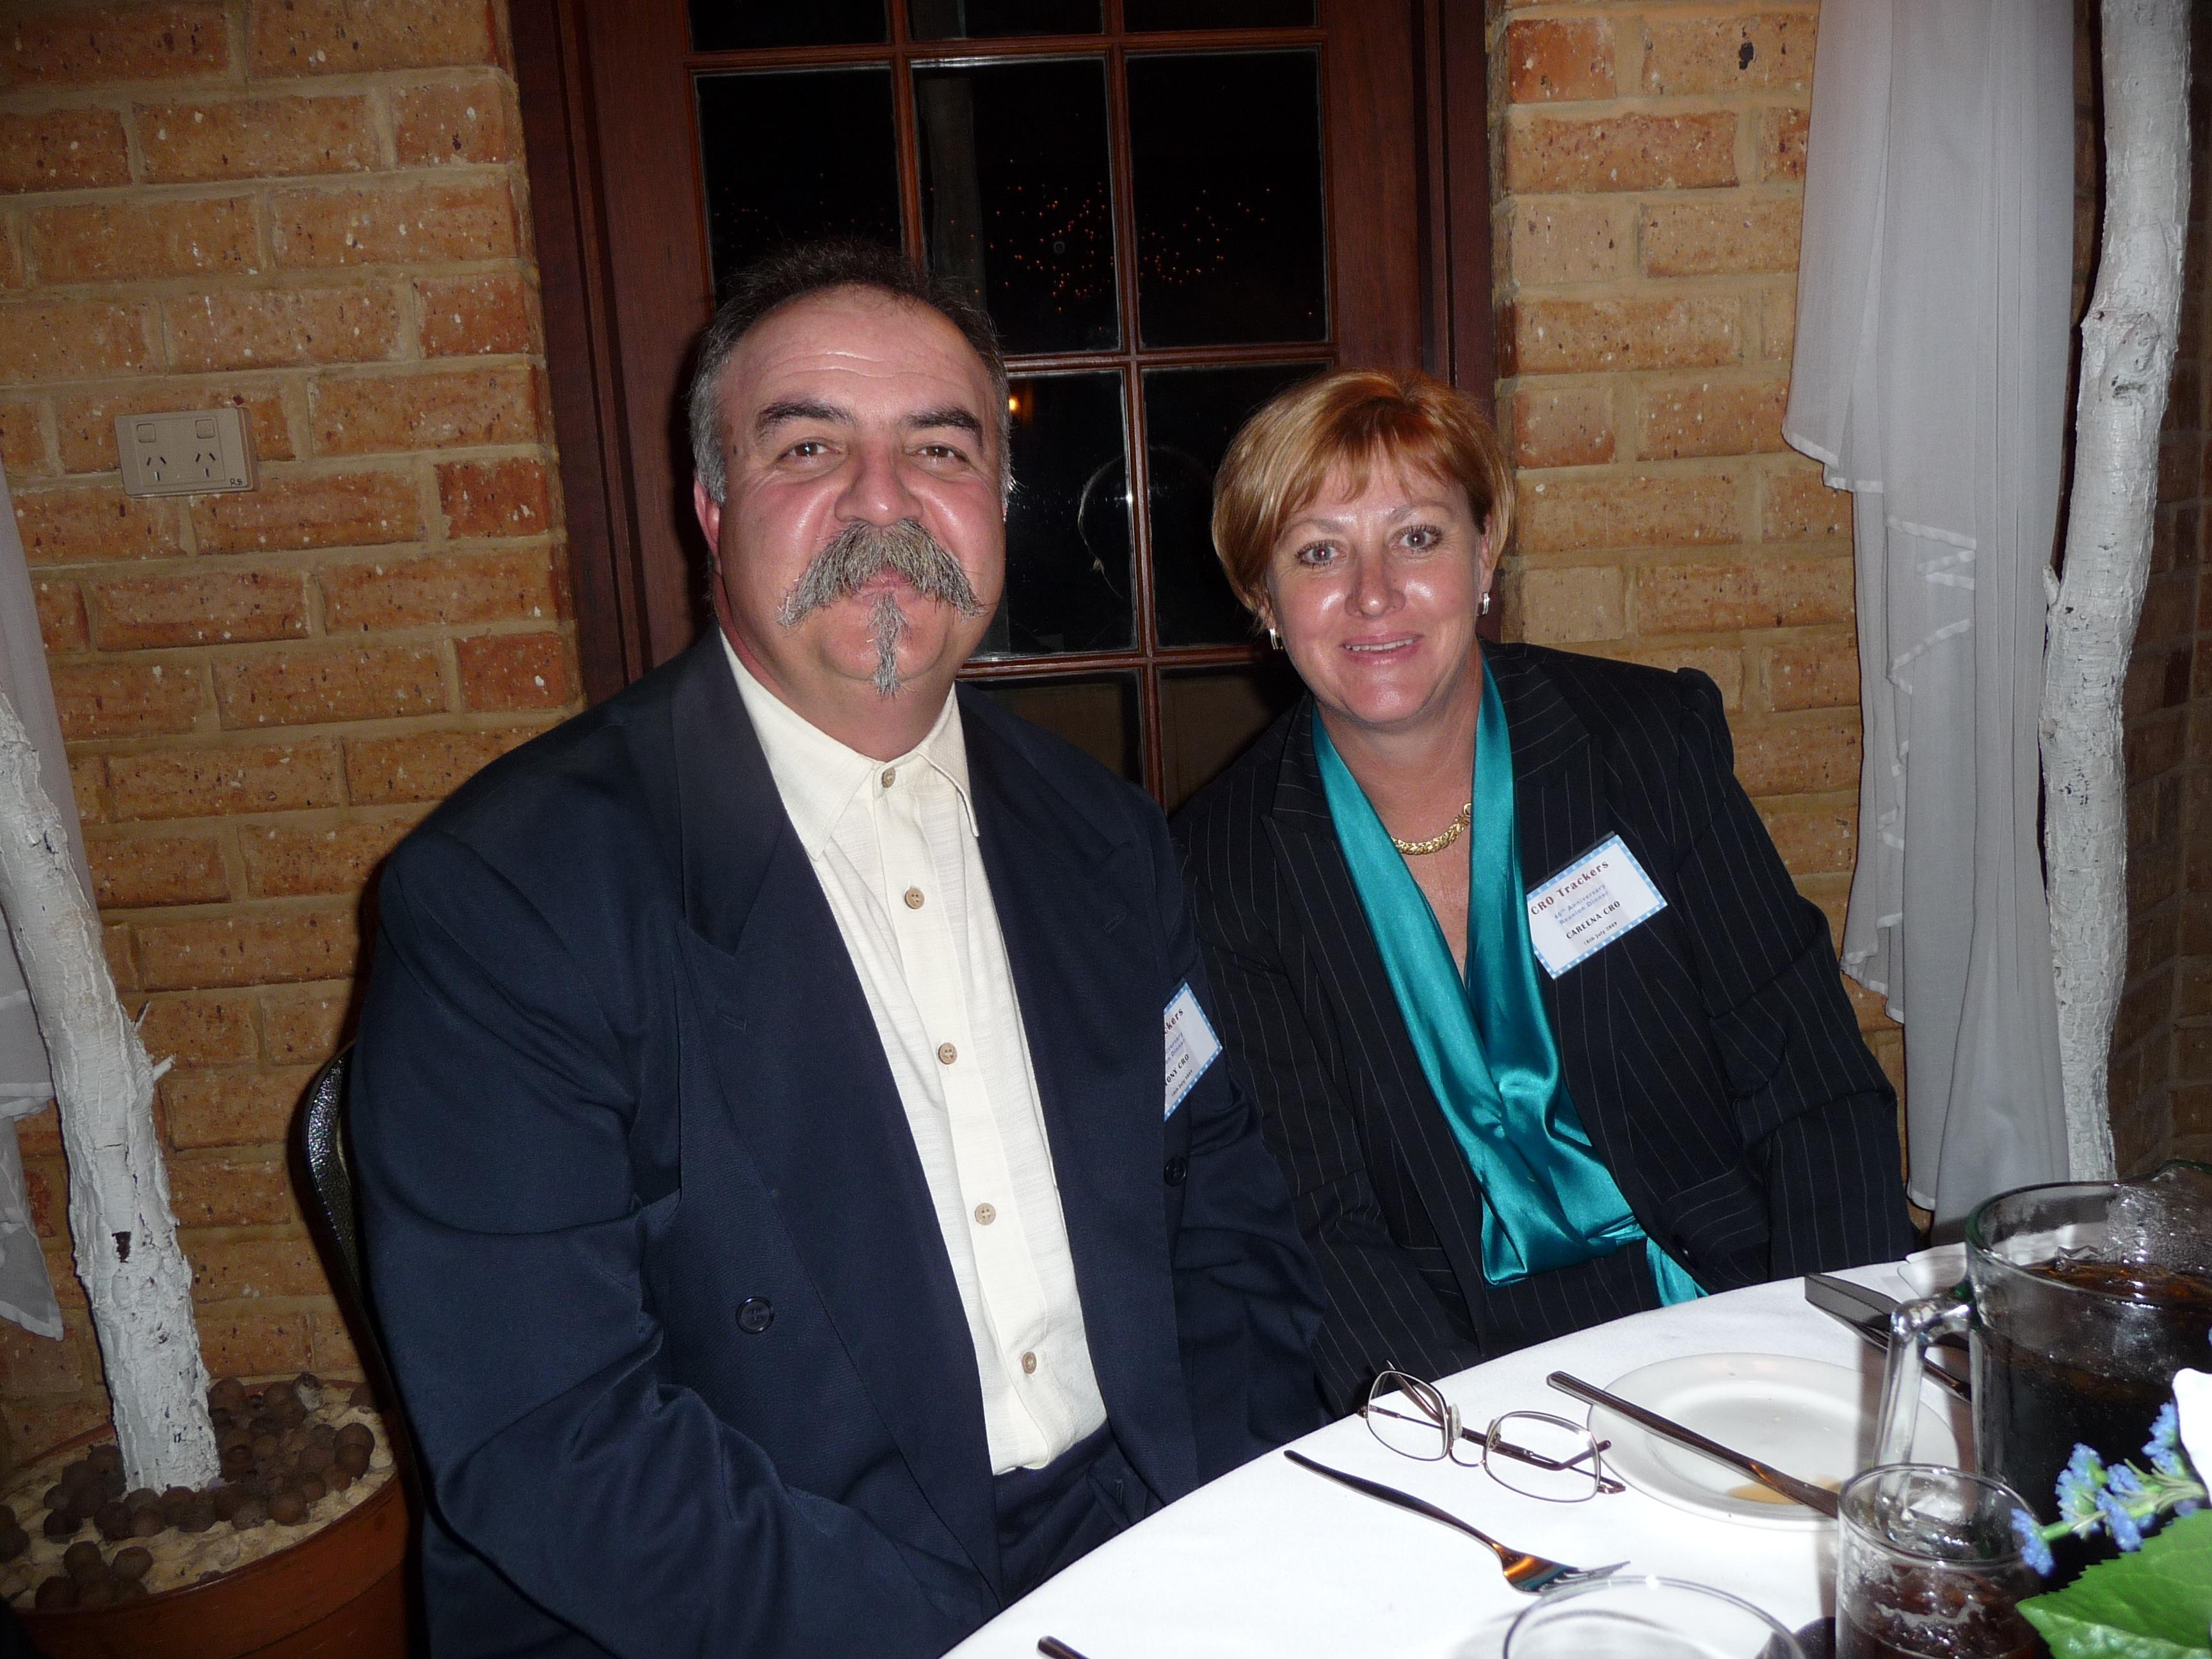 Tony & Careena Cro